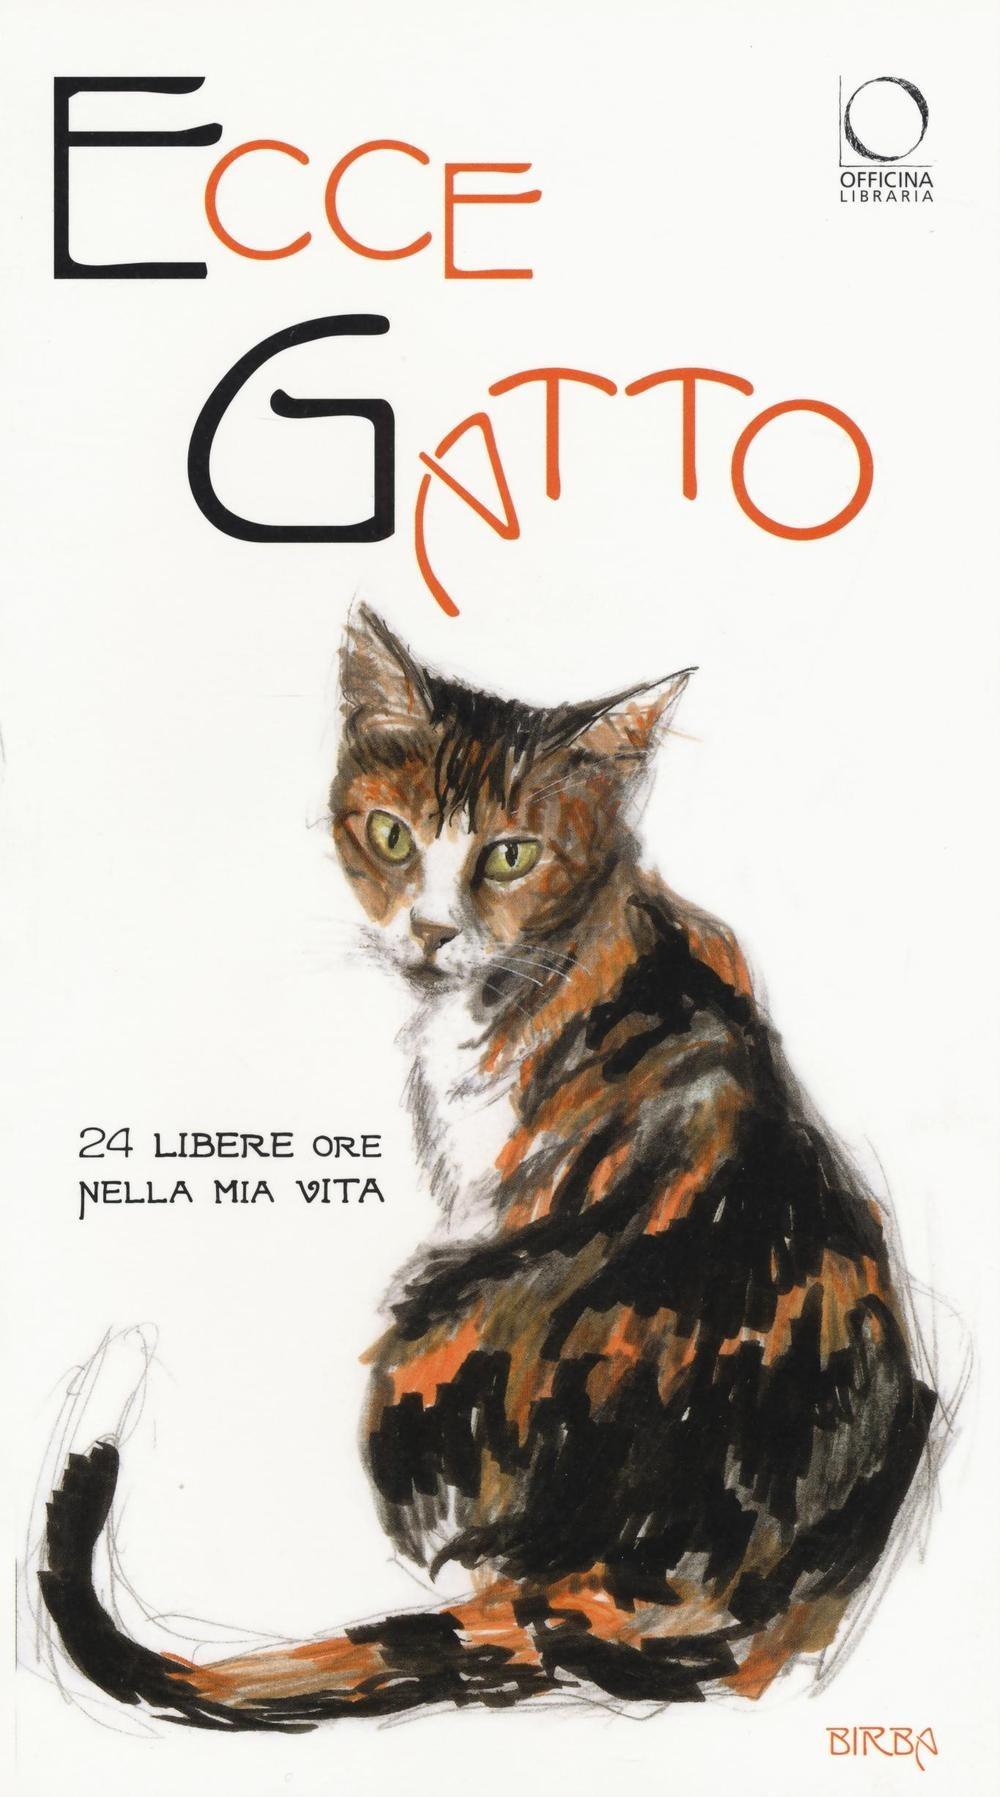 Ecce Gatto. 24 libere ore nella mia vita: la recensione del libro